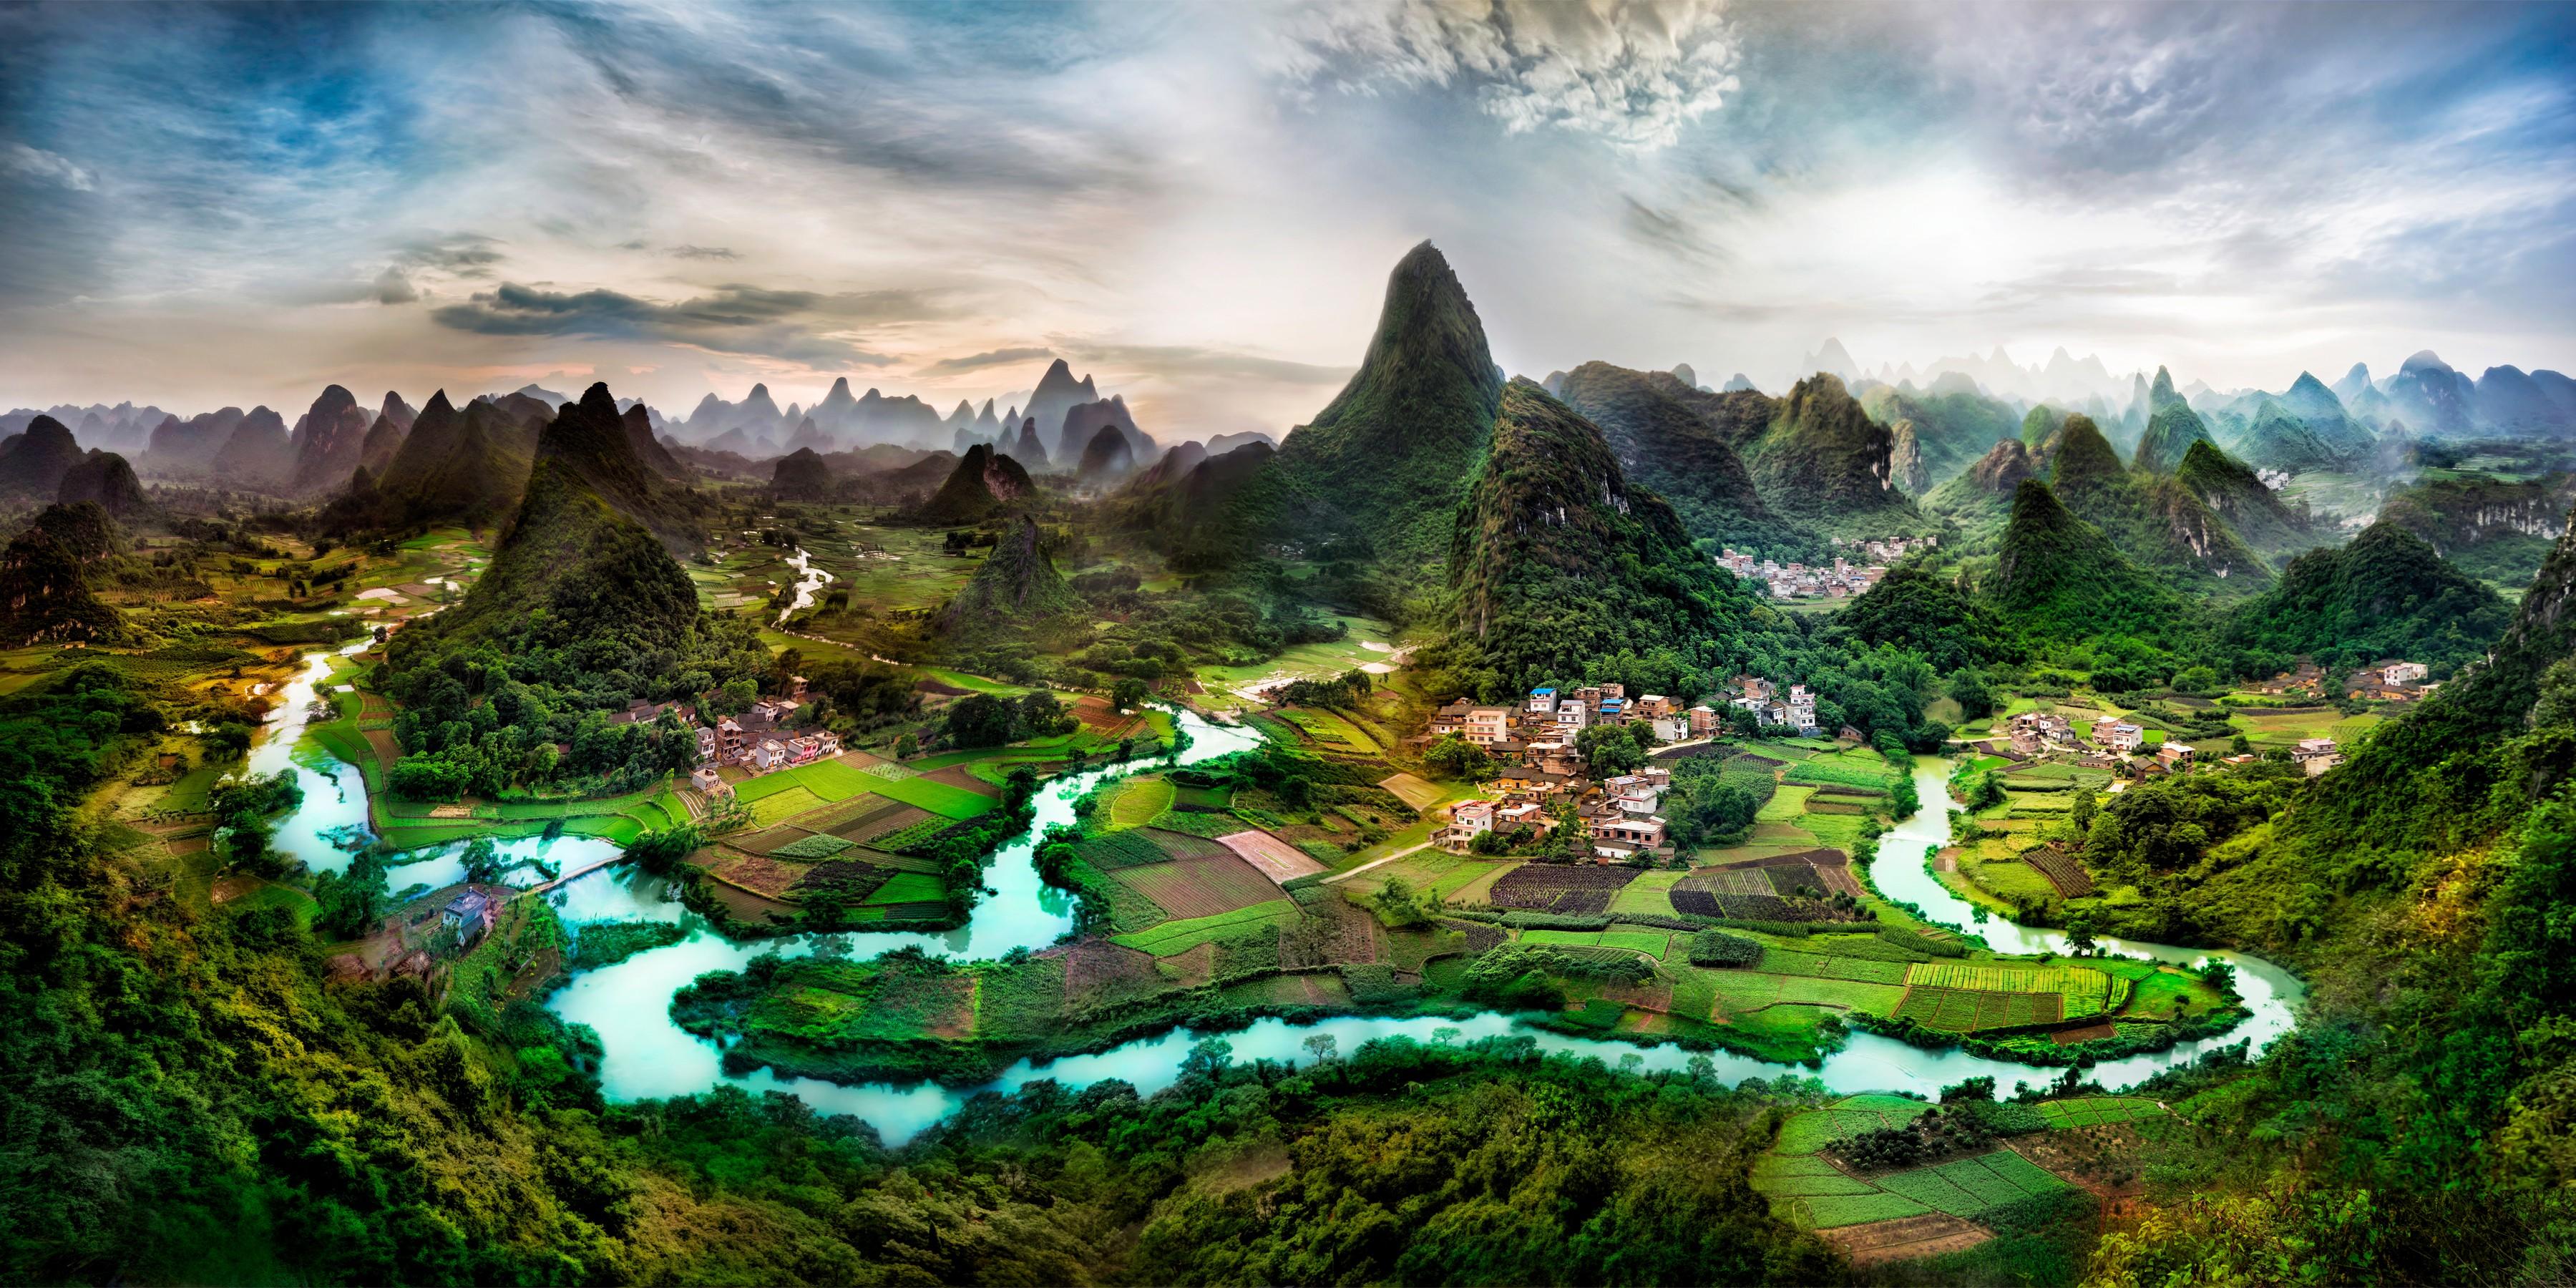 китайский пейзаж обои на рабочий стол № 501918 без смс